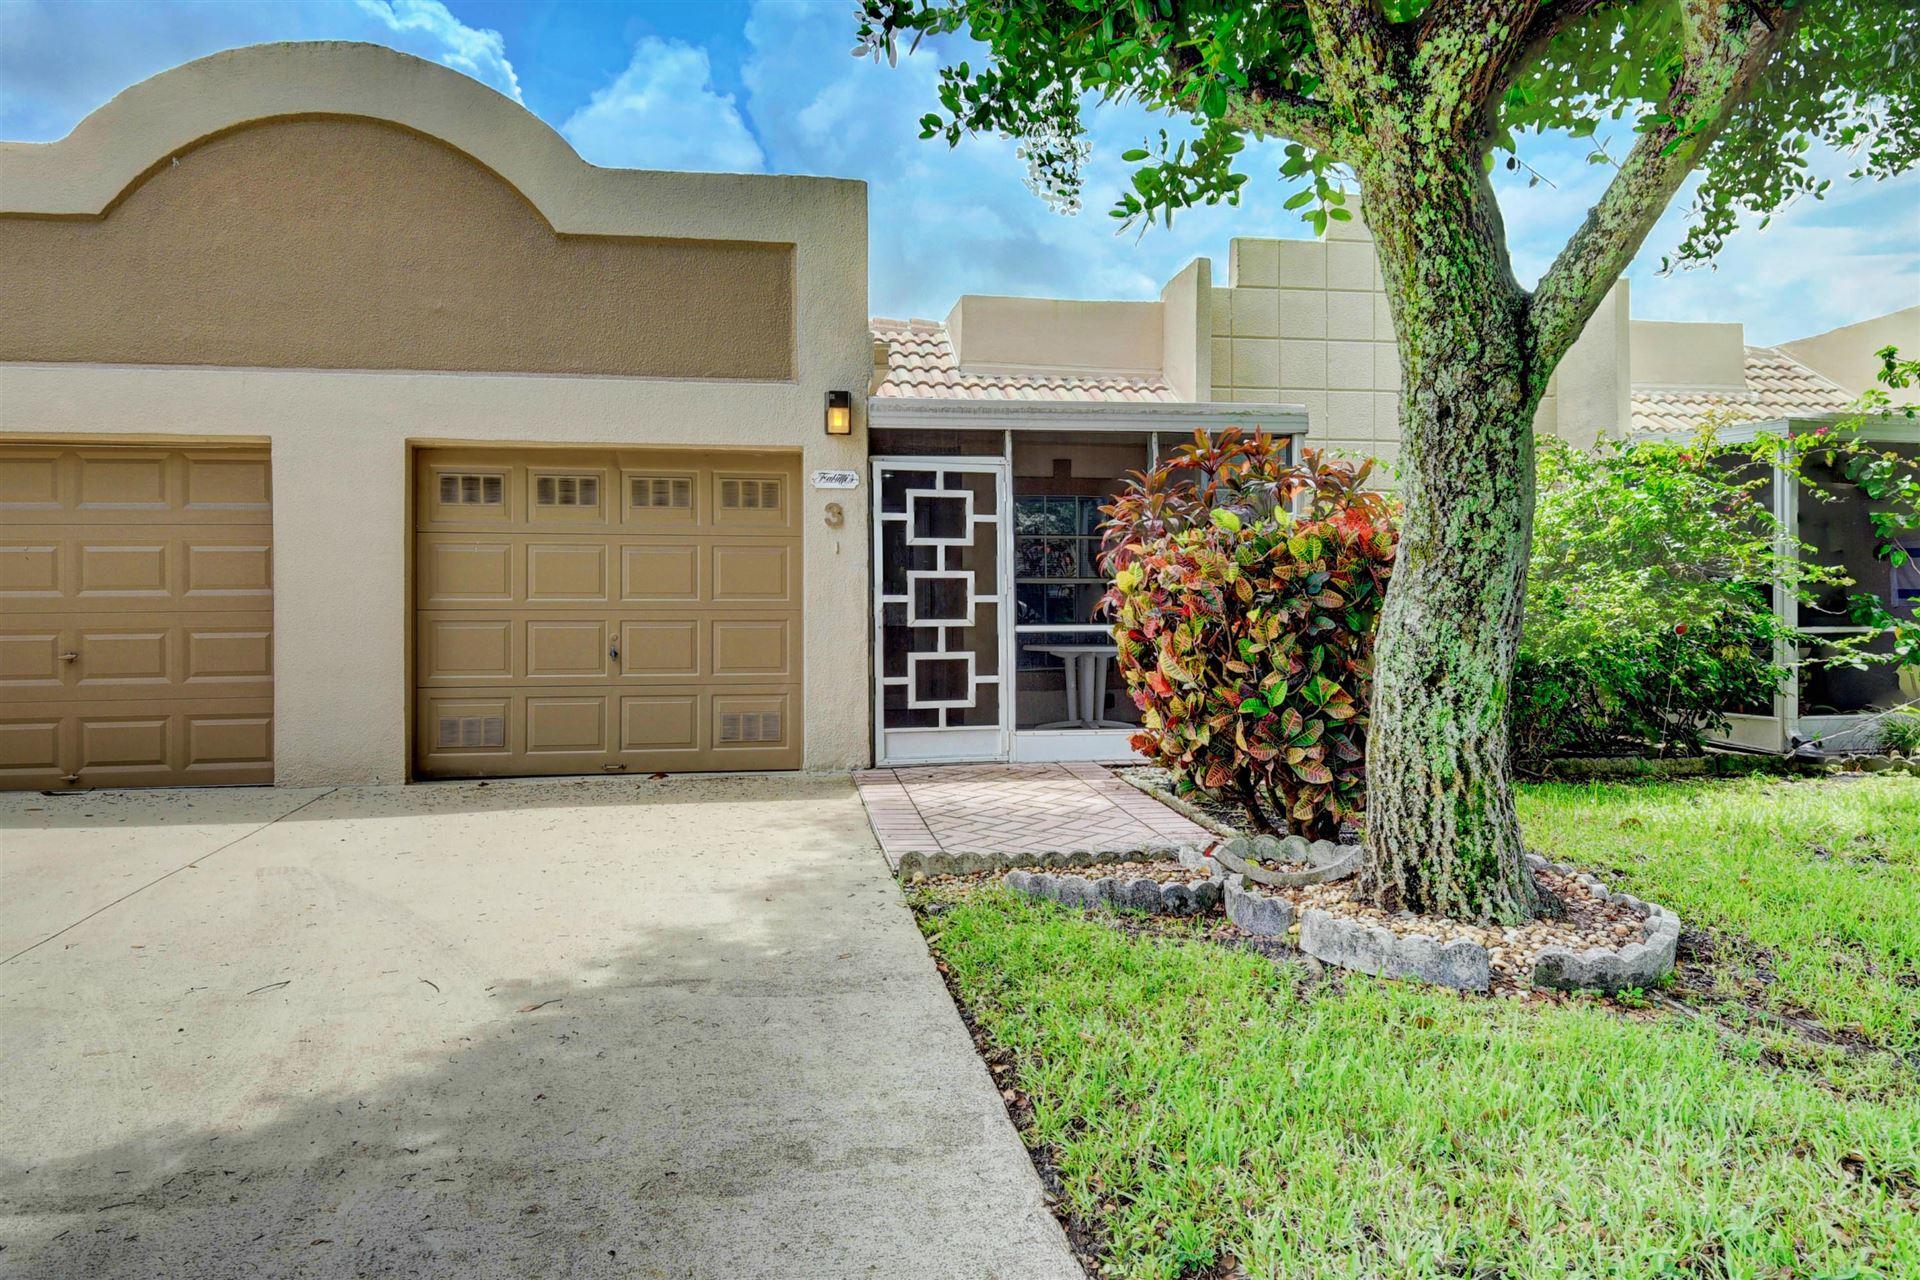 18900 Stewart Circle #3, Boca Raton, FL 33496 - #: RX-10610869